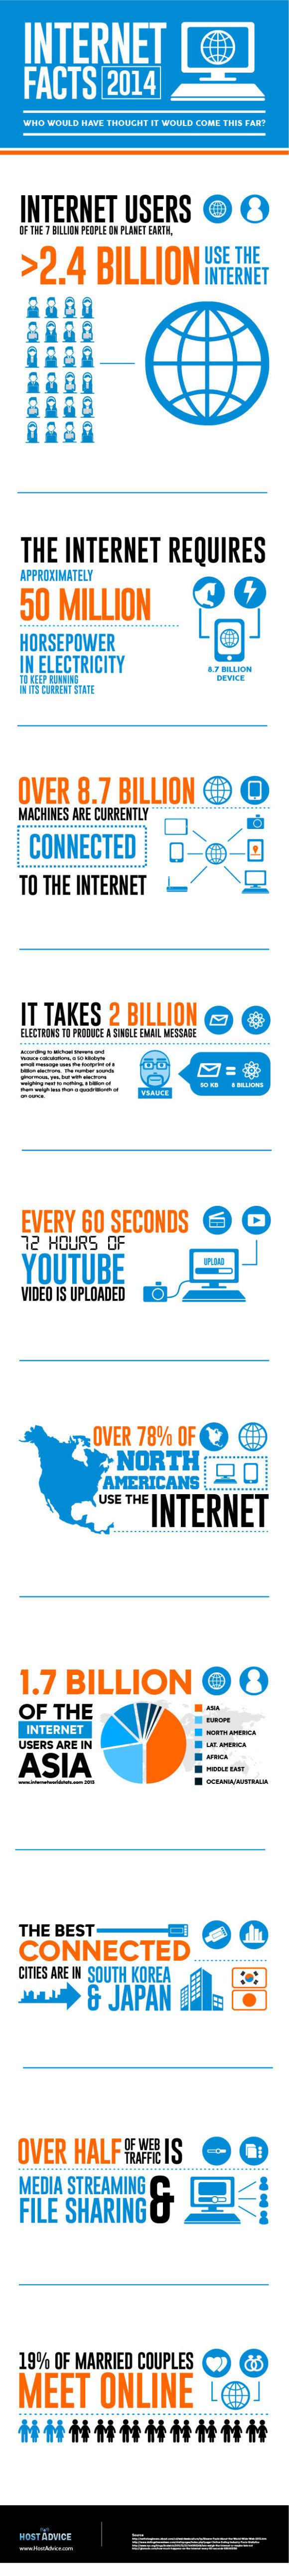 infographic internet feiten 2014